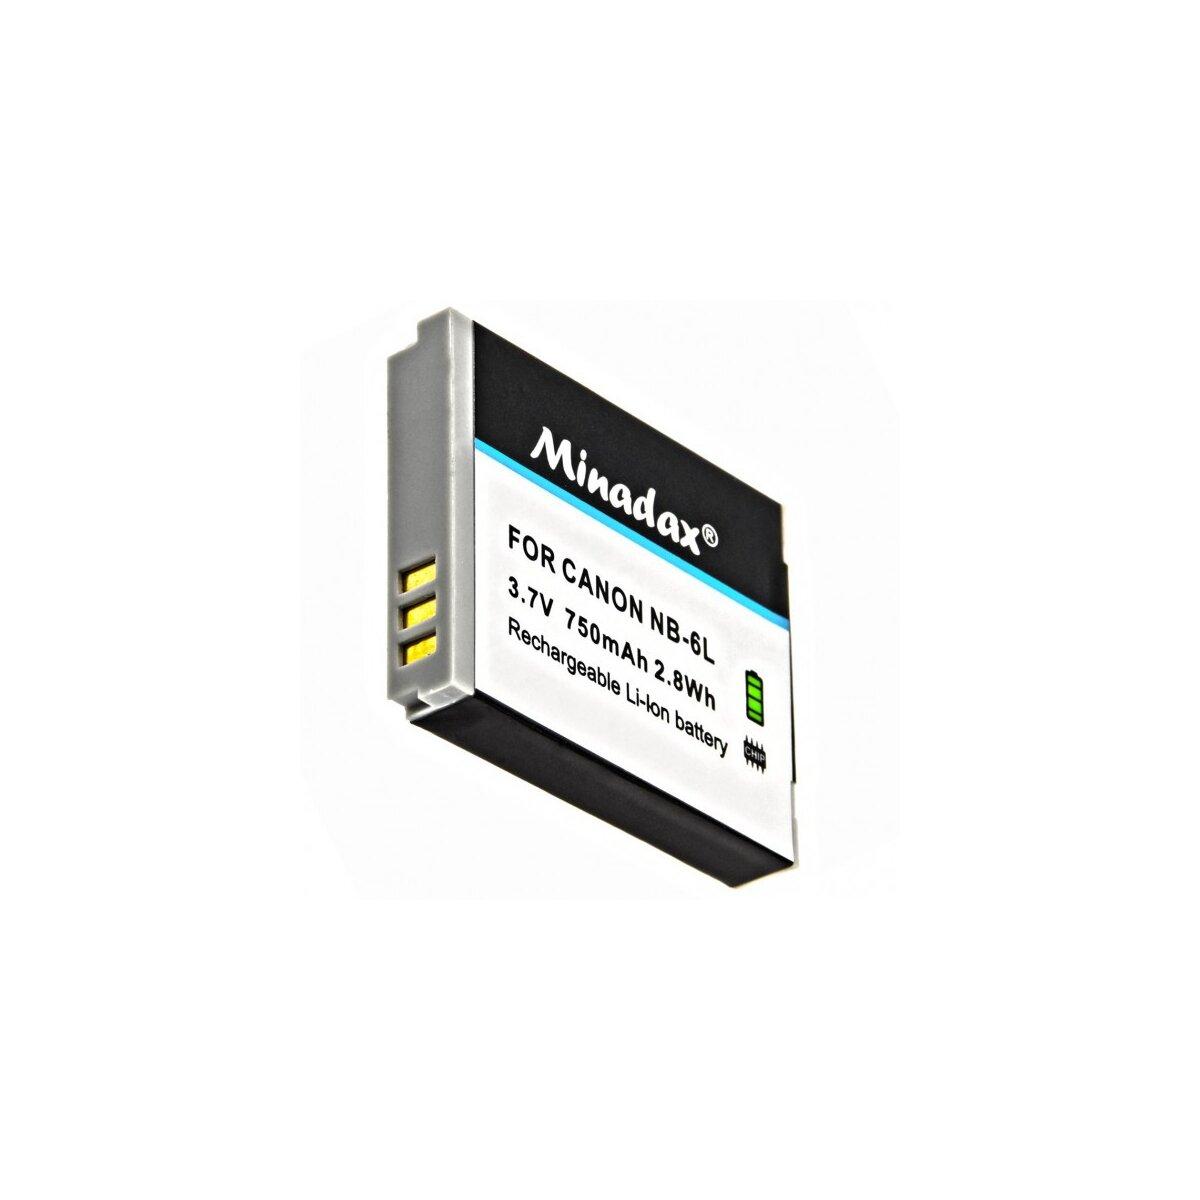 Minadax® Qualitaetsakku mit echten 750 mAh fuer Canon Ixus 200 / 210 / 300 und Powershot-Serie SX240 / SX260 / S95, wie NB-6L - Intelligentes Akkusystem mit Chip